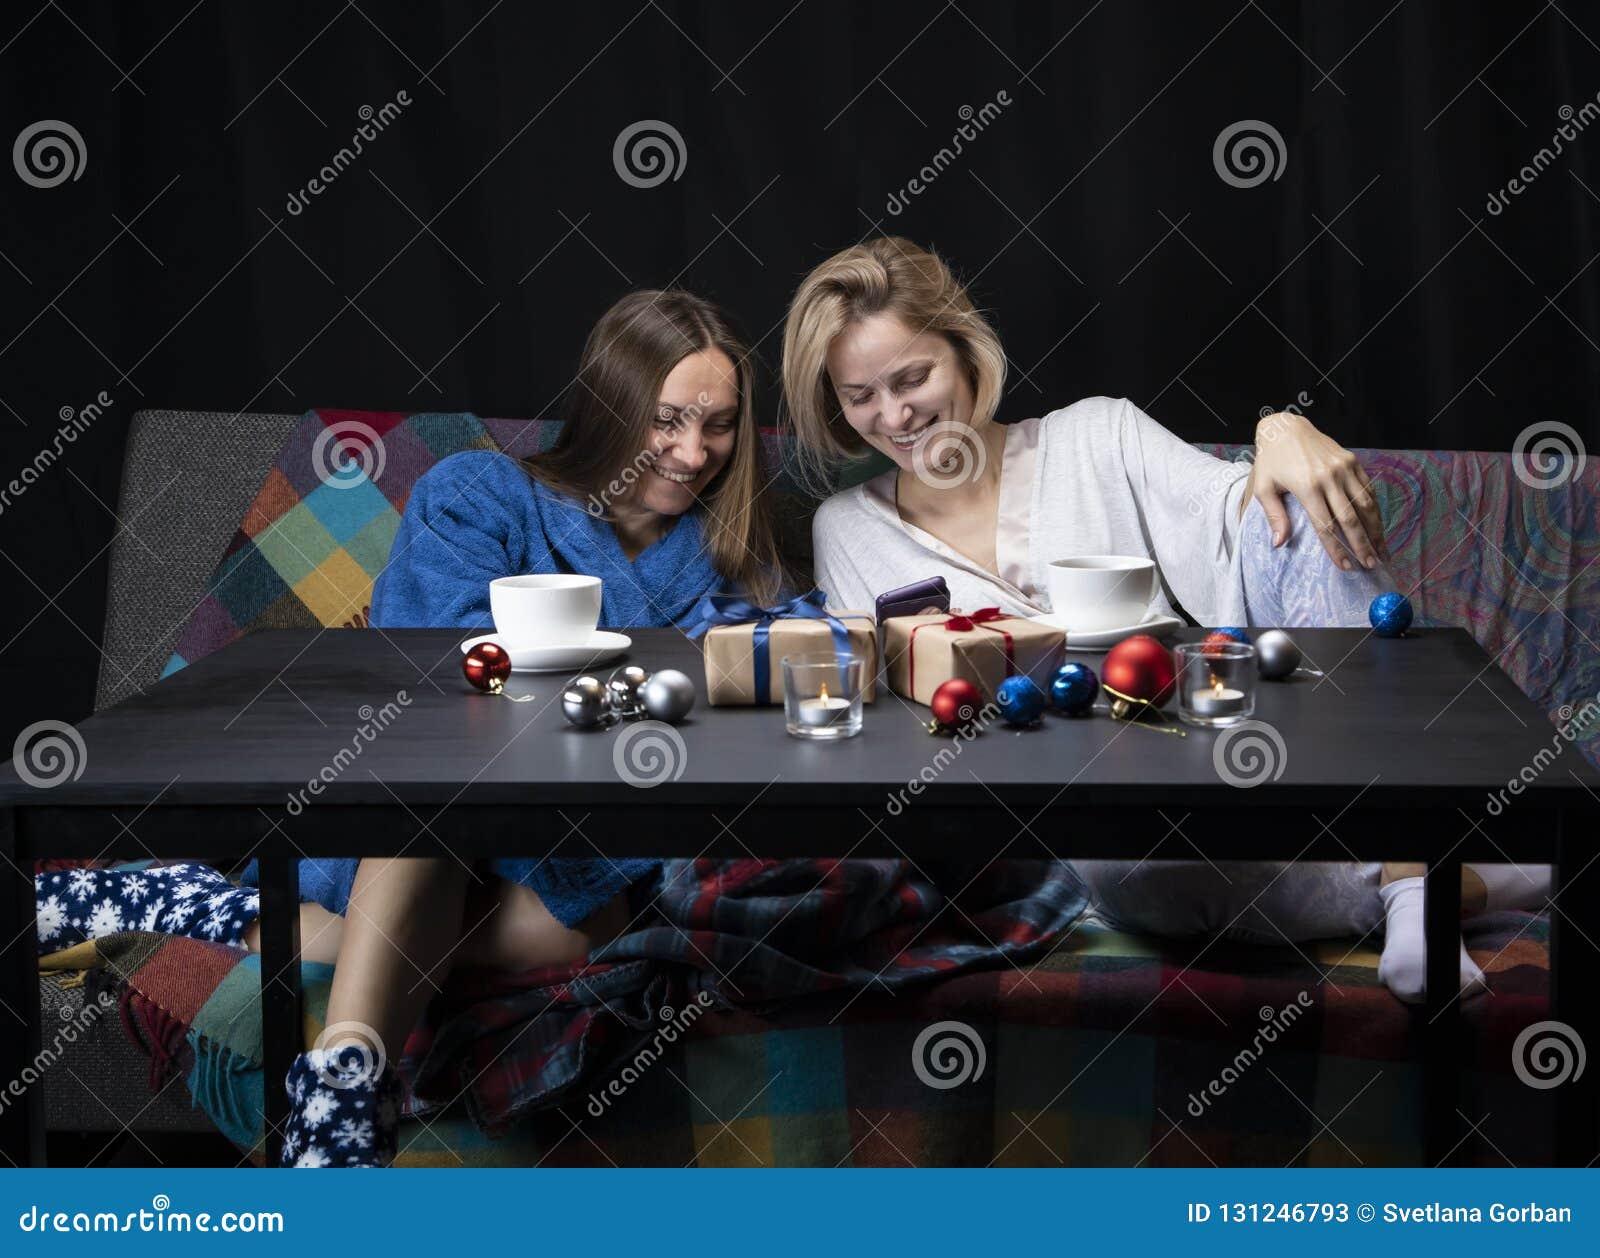 家庭衣裳的妇女喝茶 黑色背景